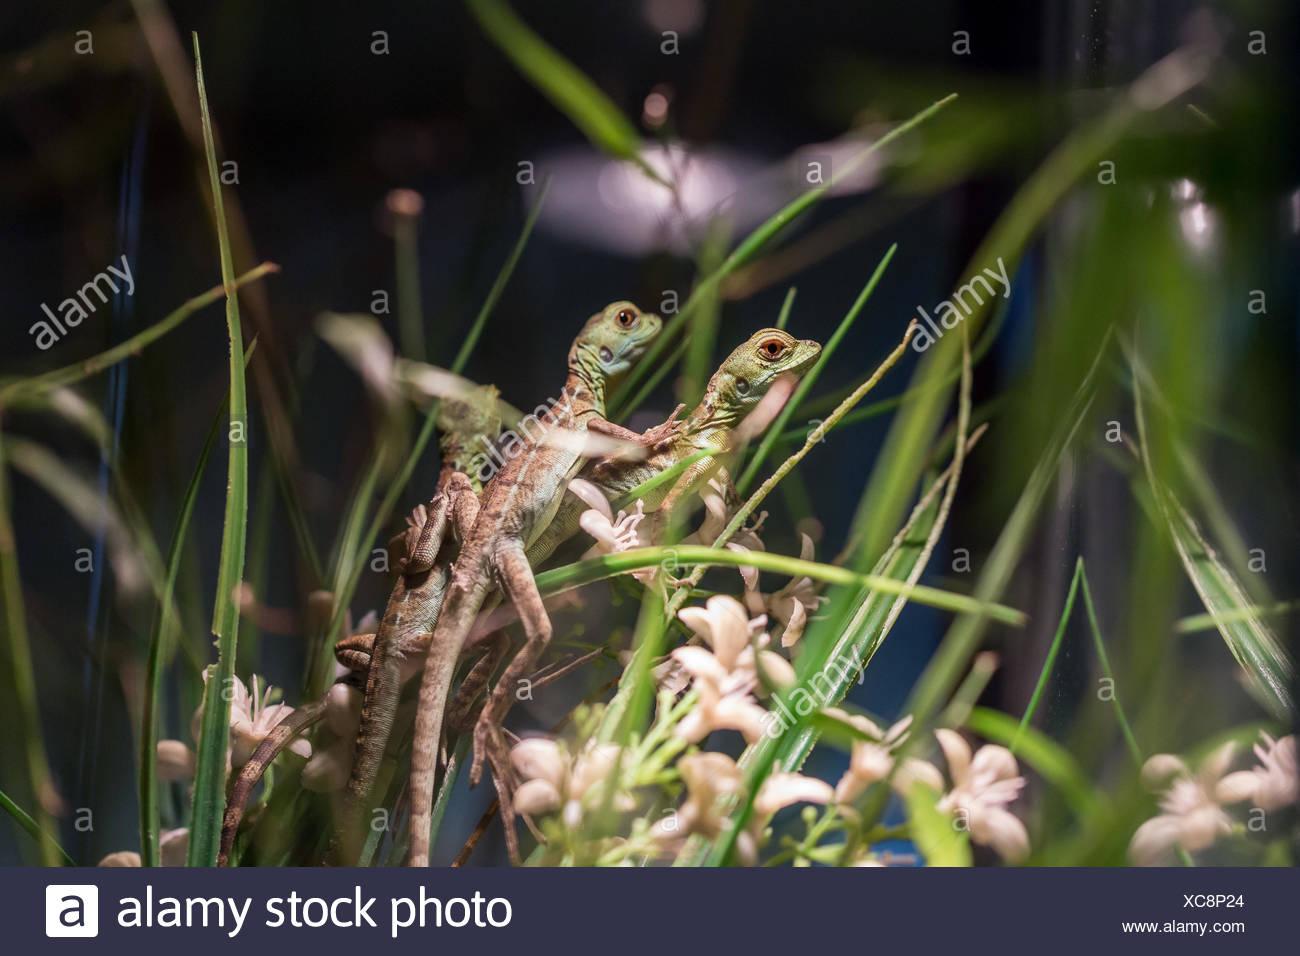 Small Lizard In Terrarium For Home Decor Stock Photo 282934684 Alamy